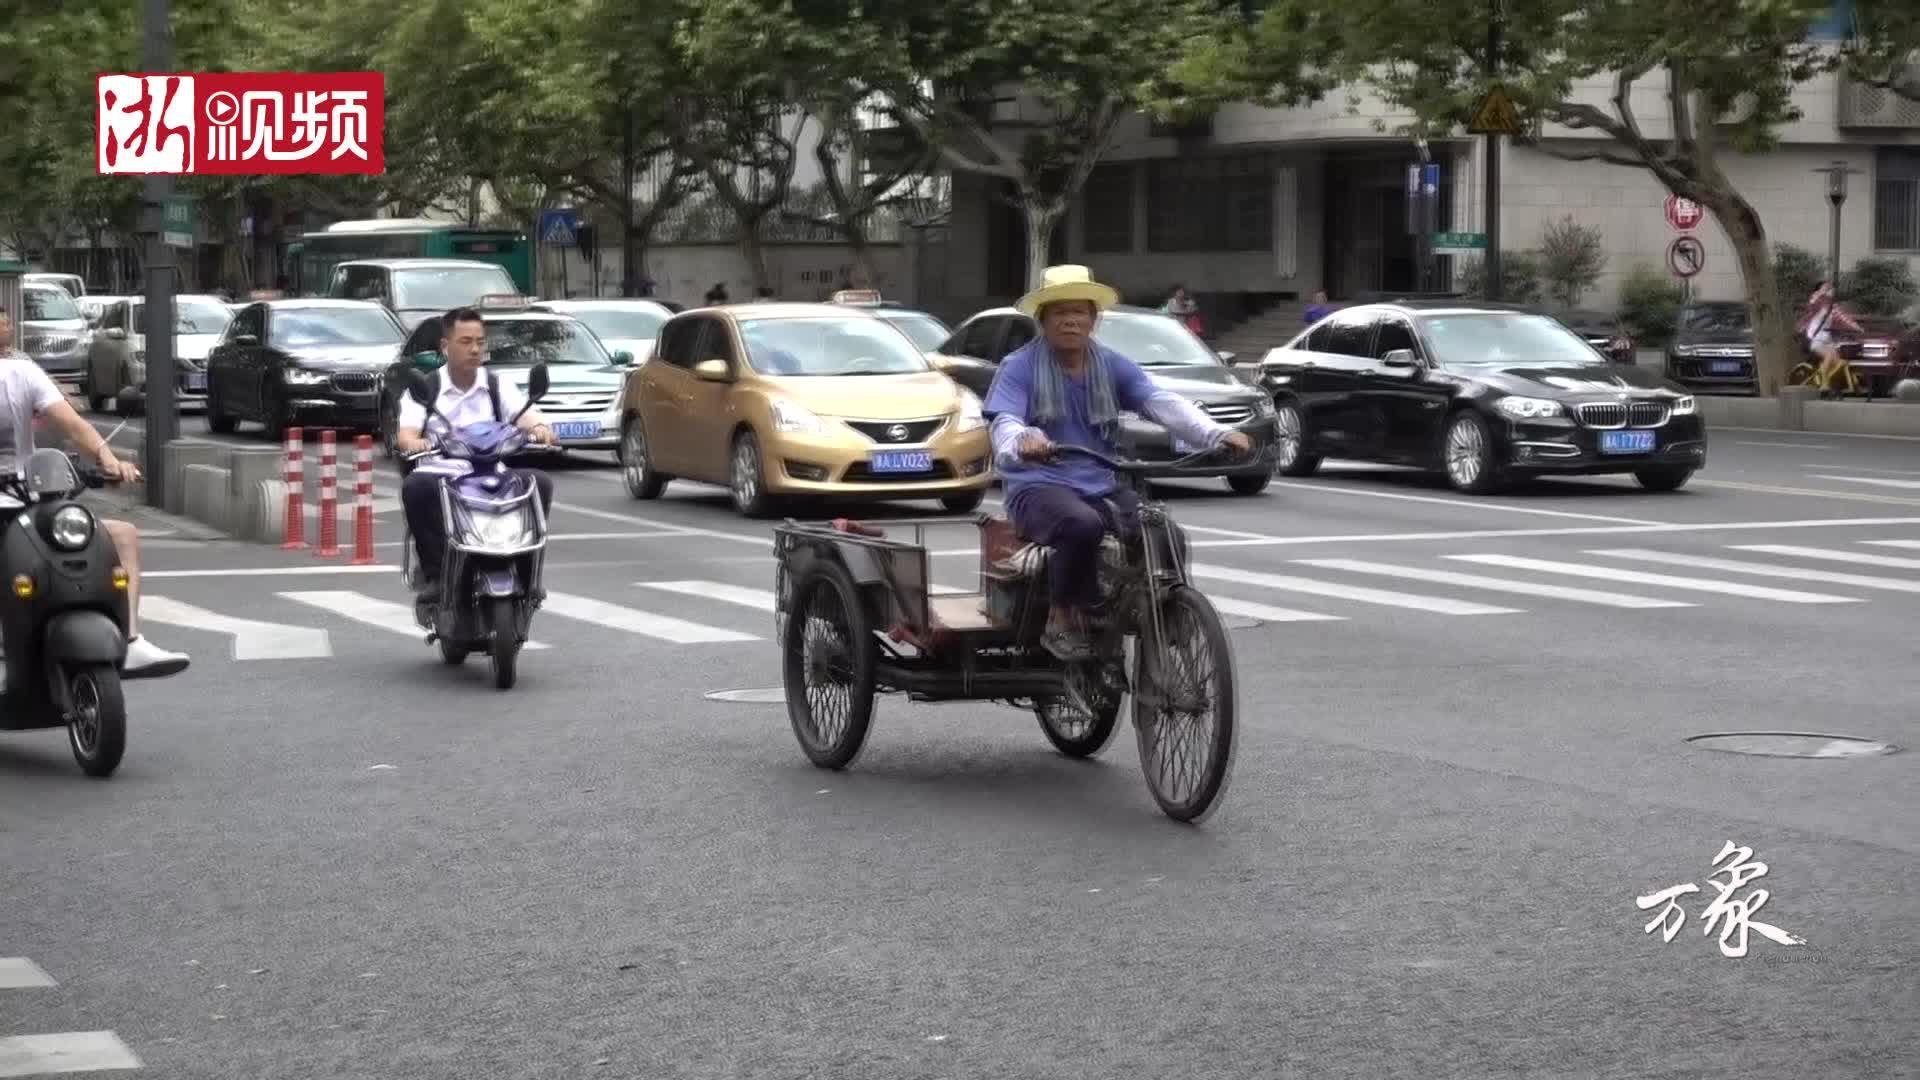 杭州车让人是金名片 骑车走路却还让人脸红